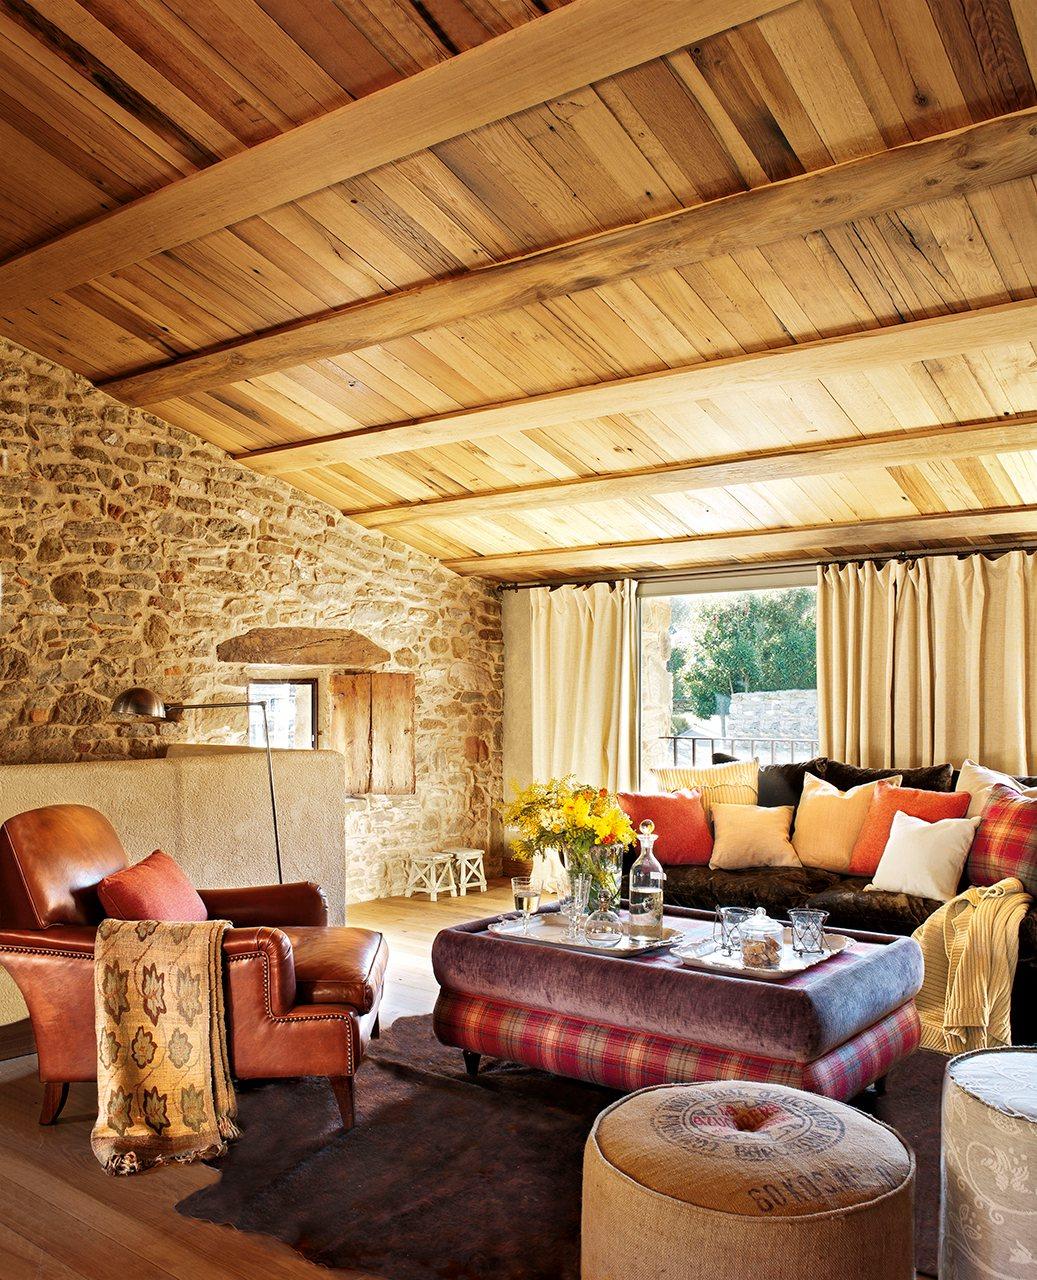 523 - Masía del s. XVI reconvertida en espectacular casa rural en La Garrotxa, Girona